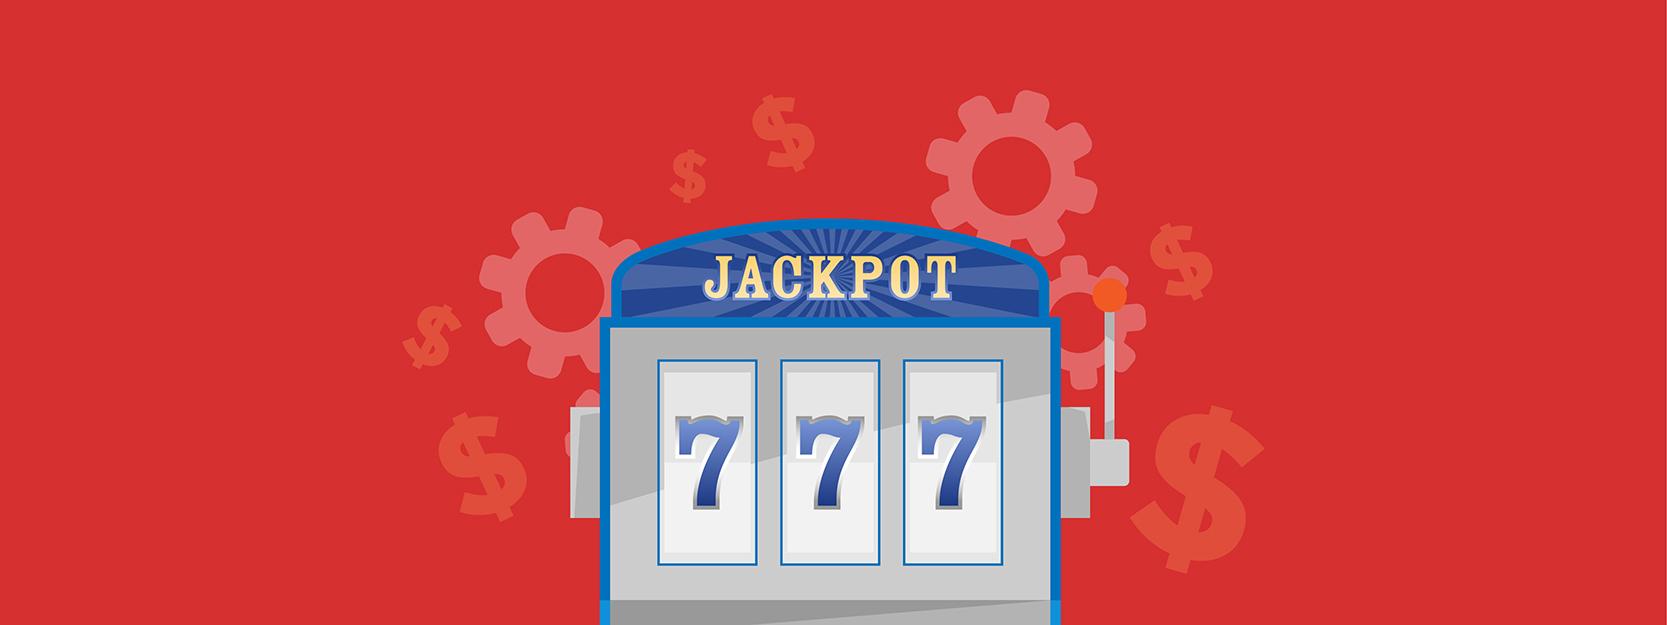 Ferdighetsbaserte spilleautomater Hvordan fungerer de Banner - CasinoTopp-02